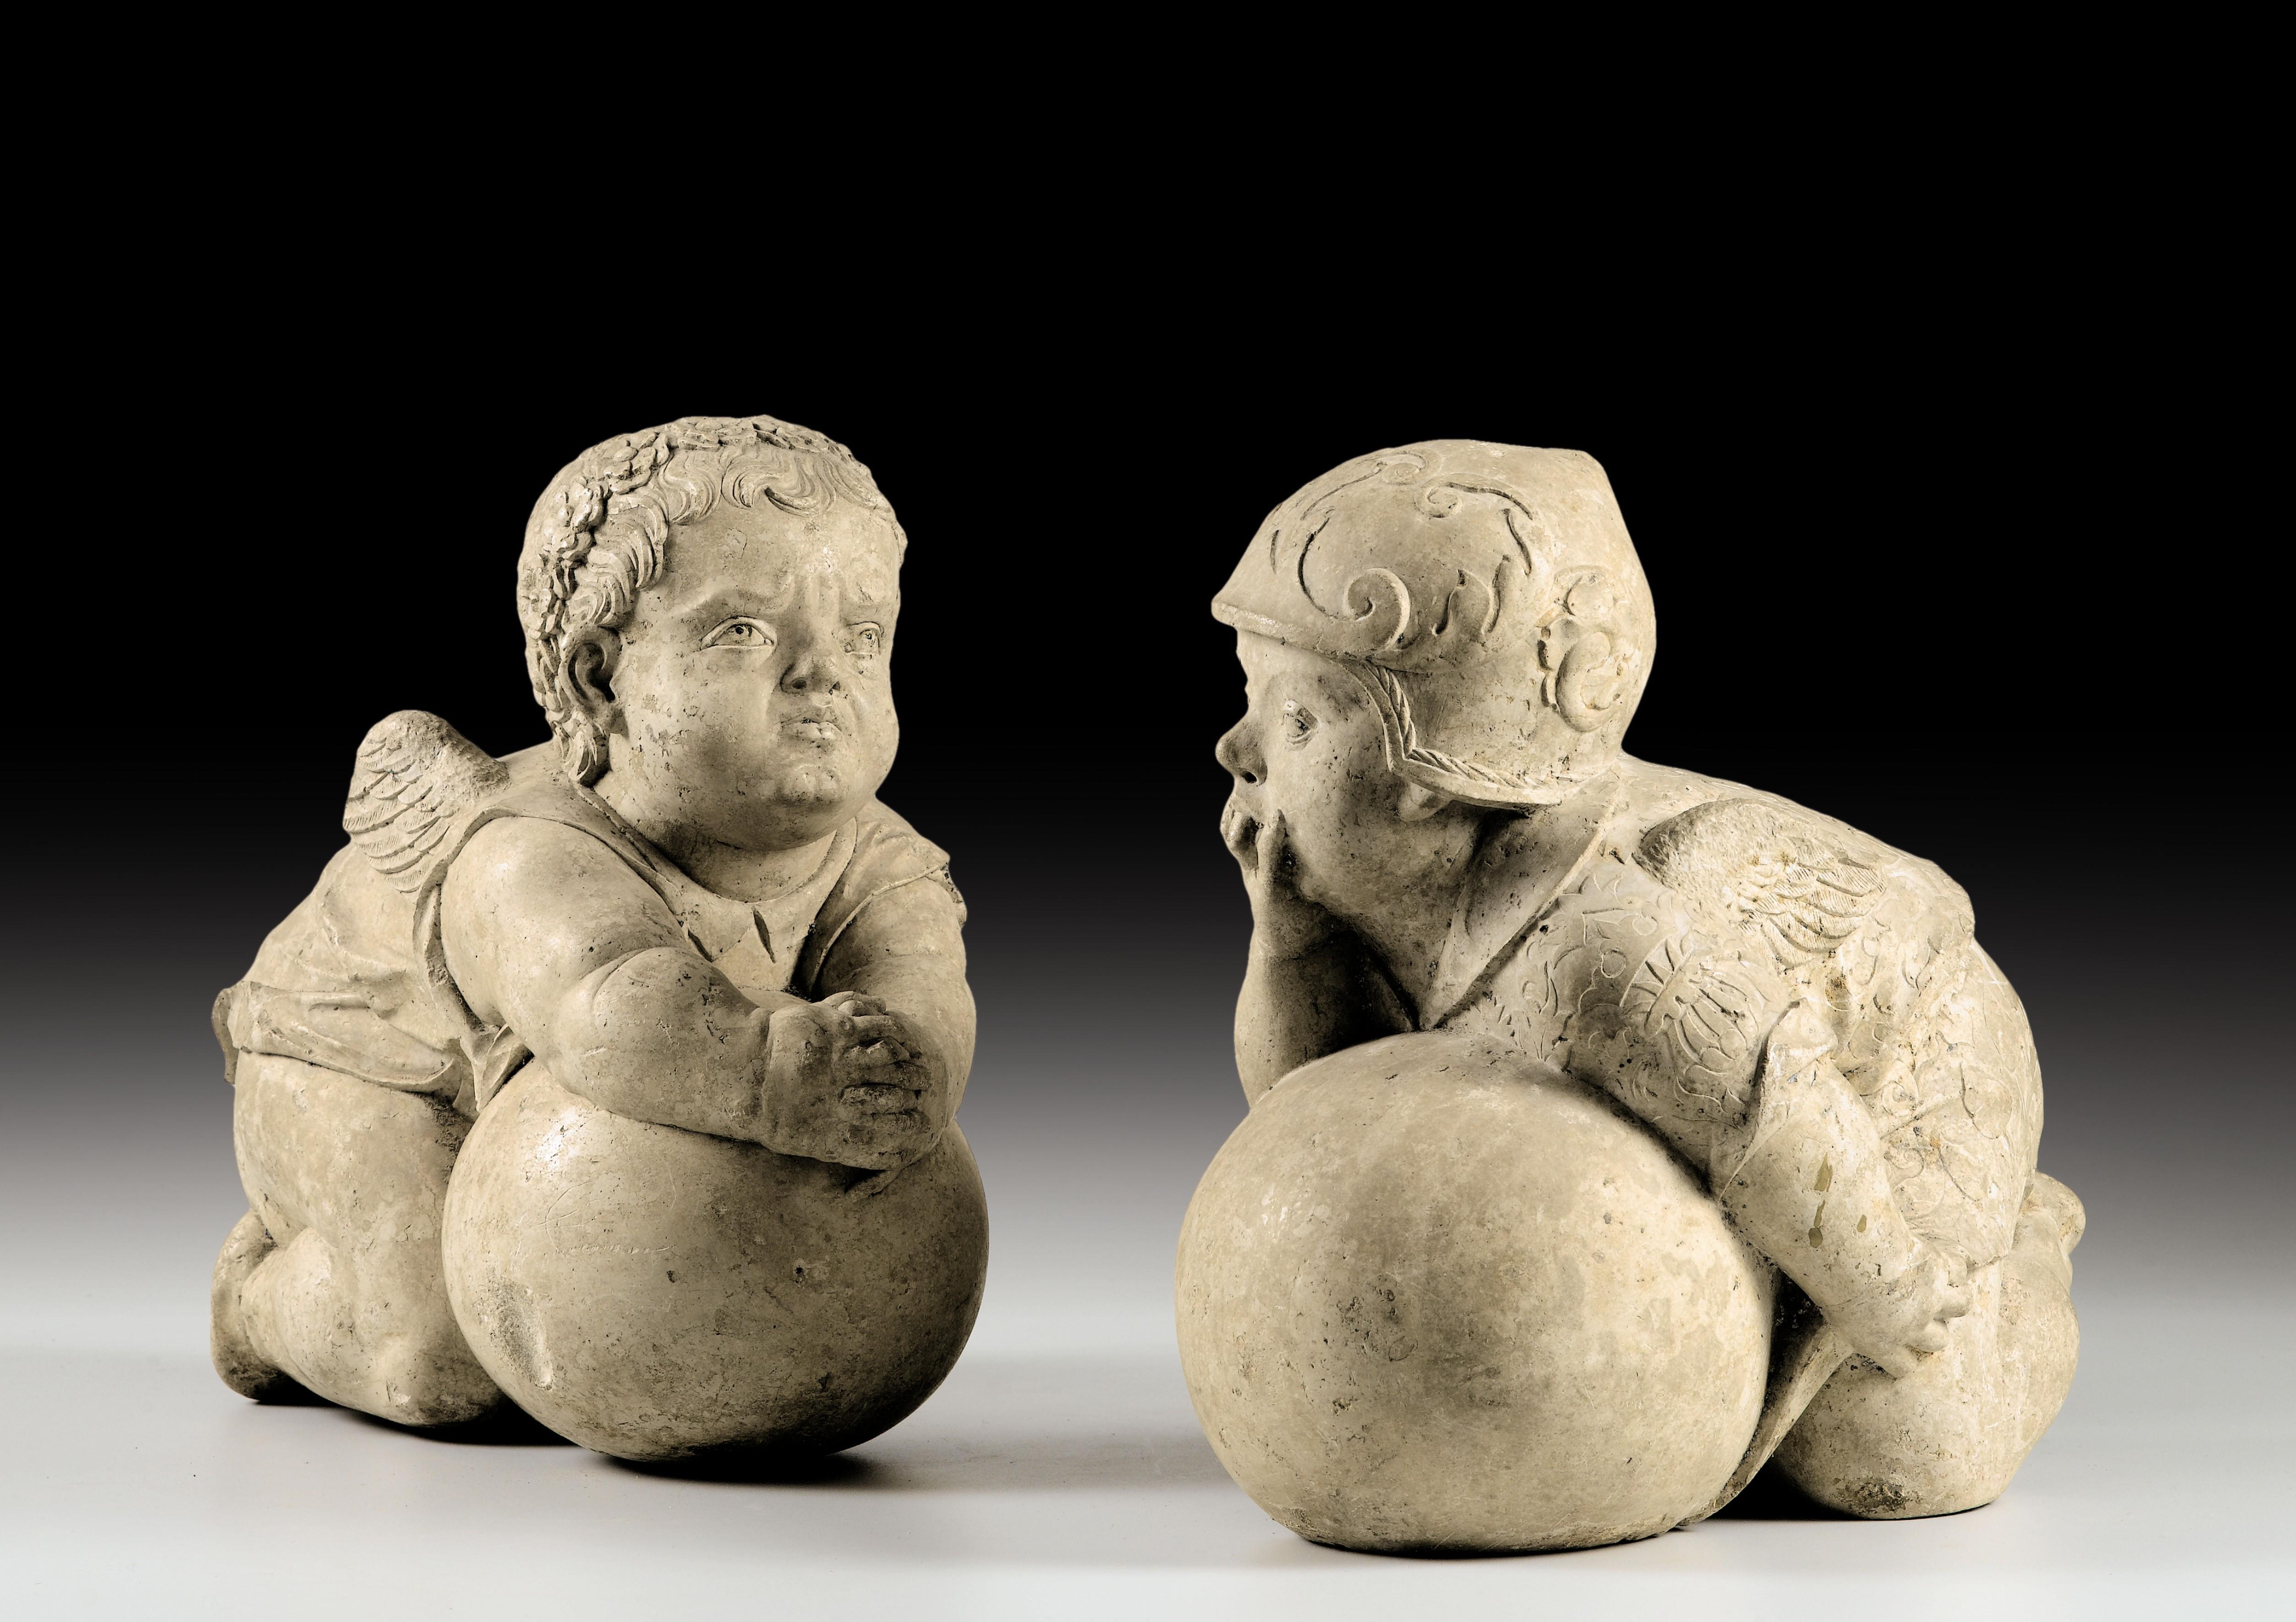 Paire de putti , Hans Daucher, pierre calcaire, Augsbourg, Allemagne du Sud, vers 1525-1530. Estimation : 1 à 1,5 million d'euros. Crédit: Sotheby's.